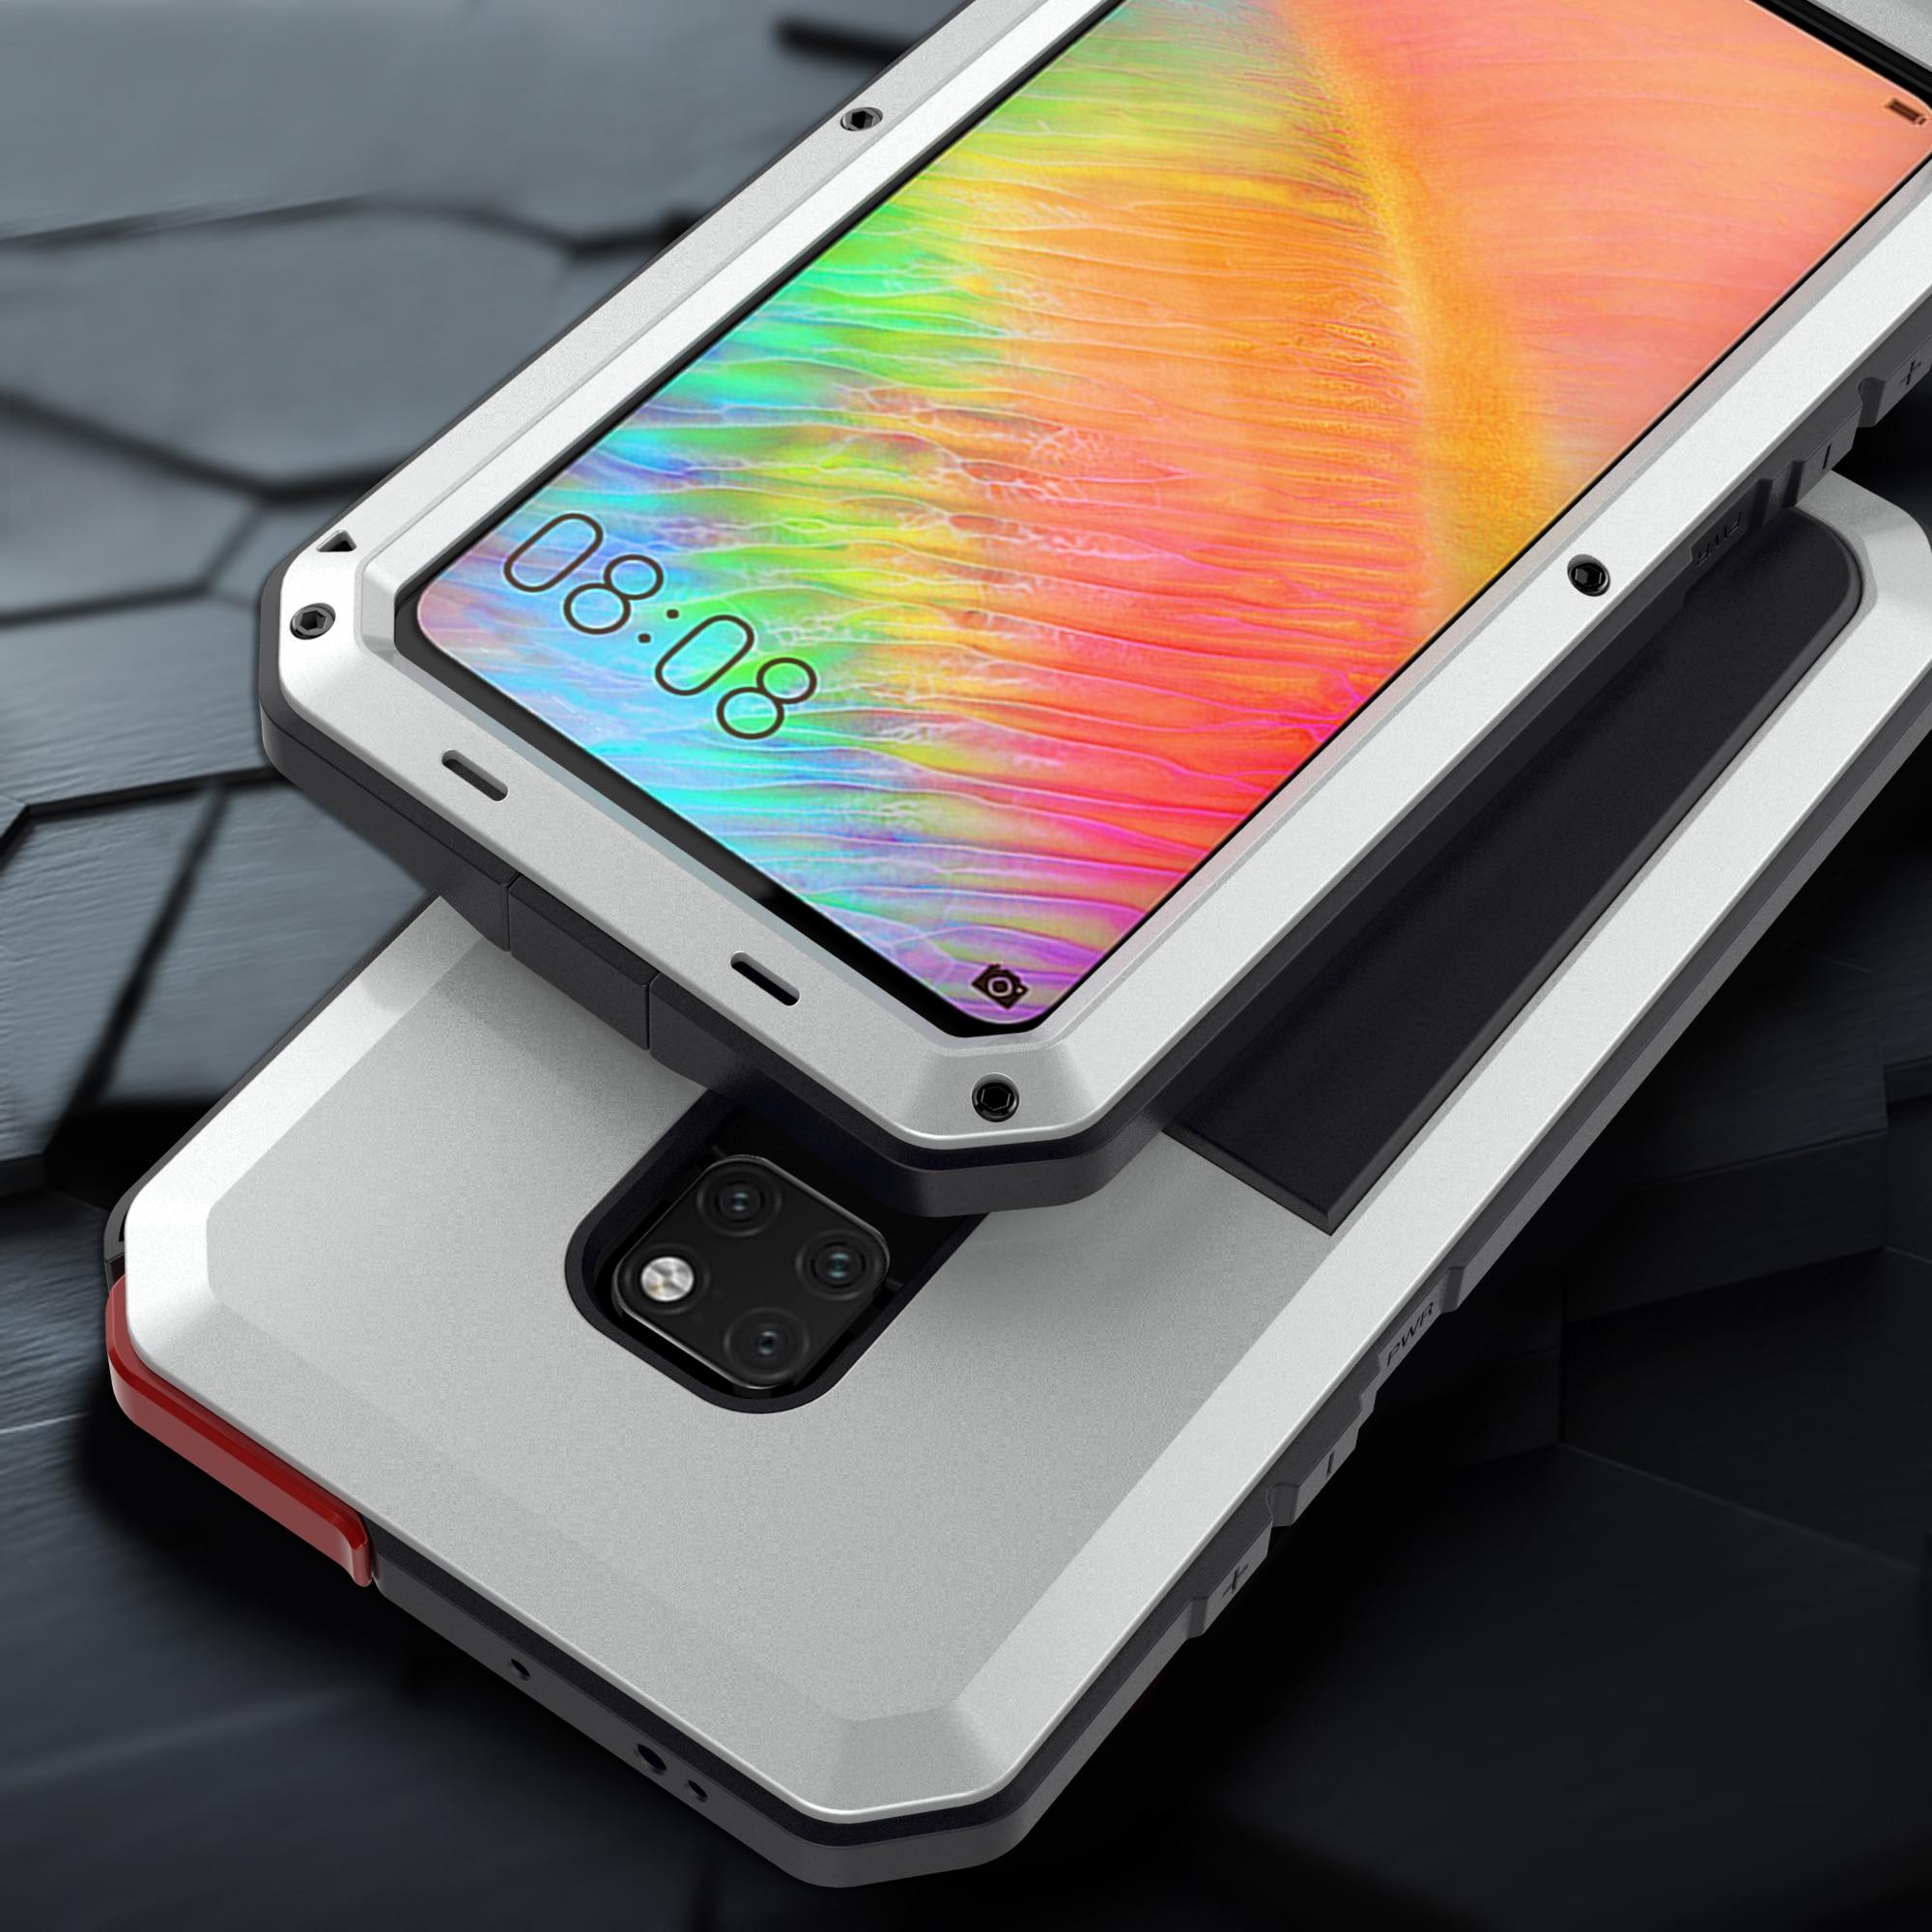 Сверхпрочный защитный чехол Doom, металлический алюминиевый чехол для телефона Huawei Mate 20 Pro P30 Pro, ударопрочный пылезащитный чехол со стеклом